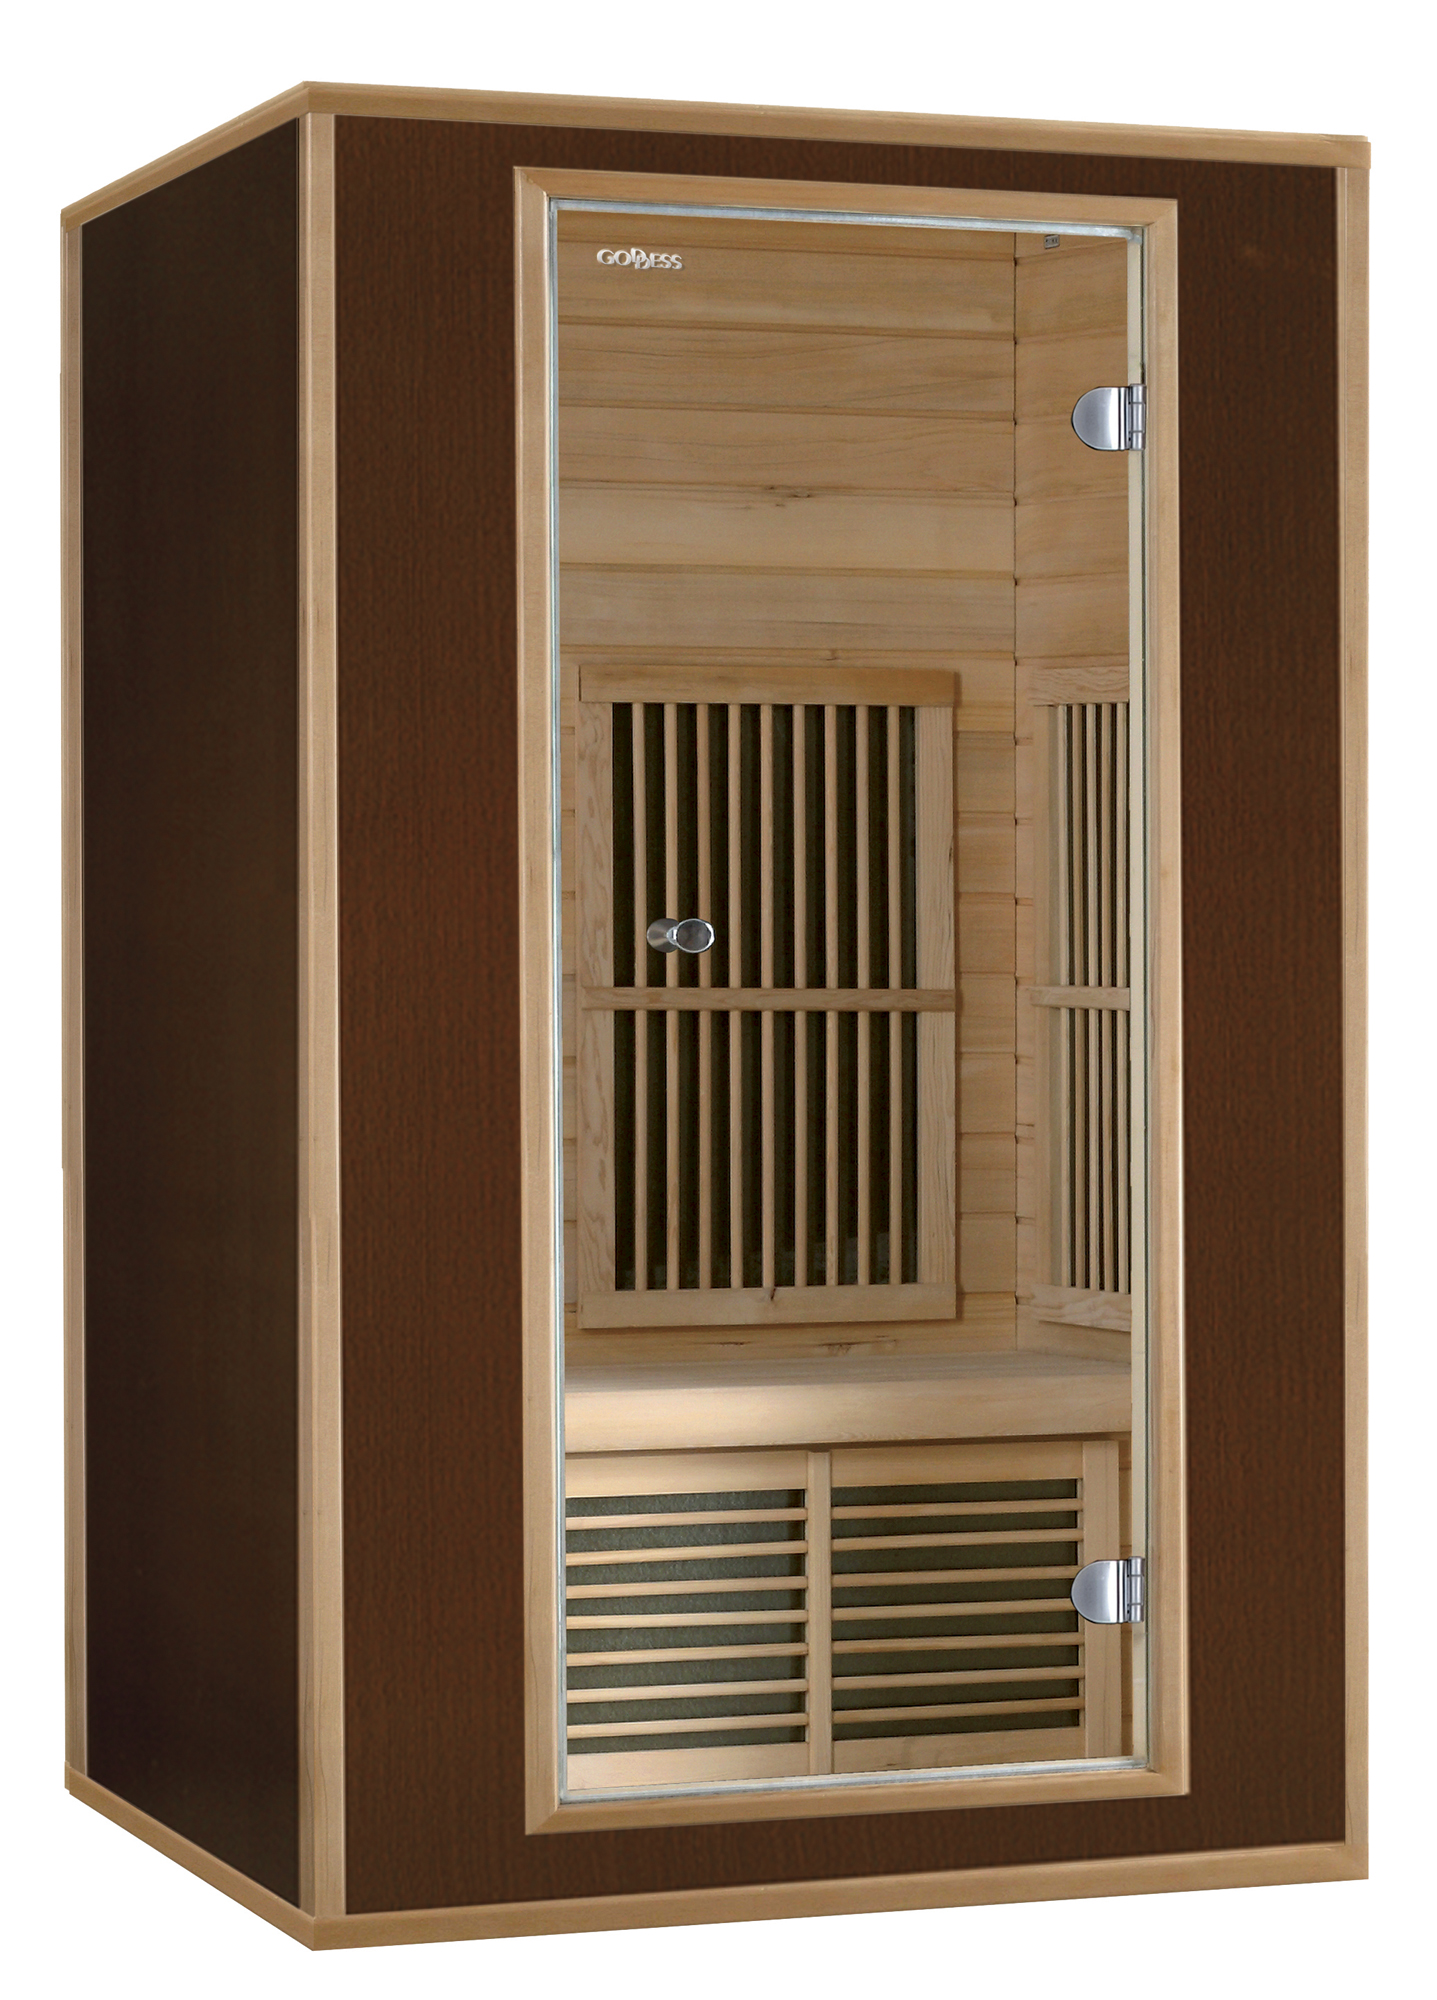 Domácí infrasauna Goddess RIMINI je určená pro dvě osoby. Kabina infrasauny je vyrobena z exkluzivní...